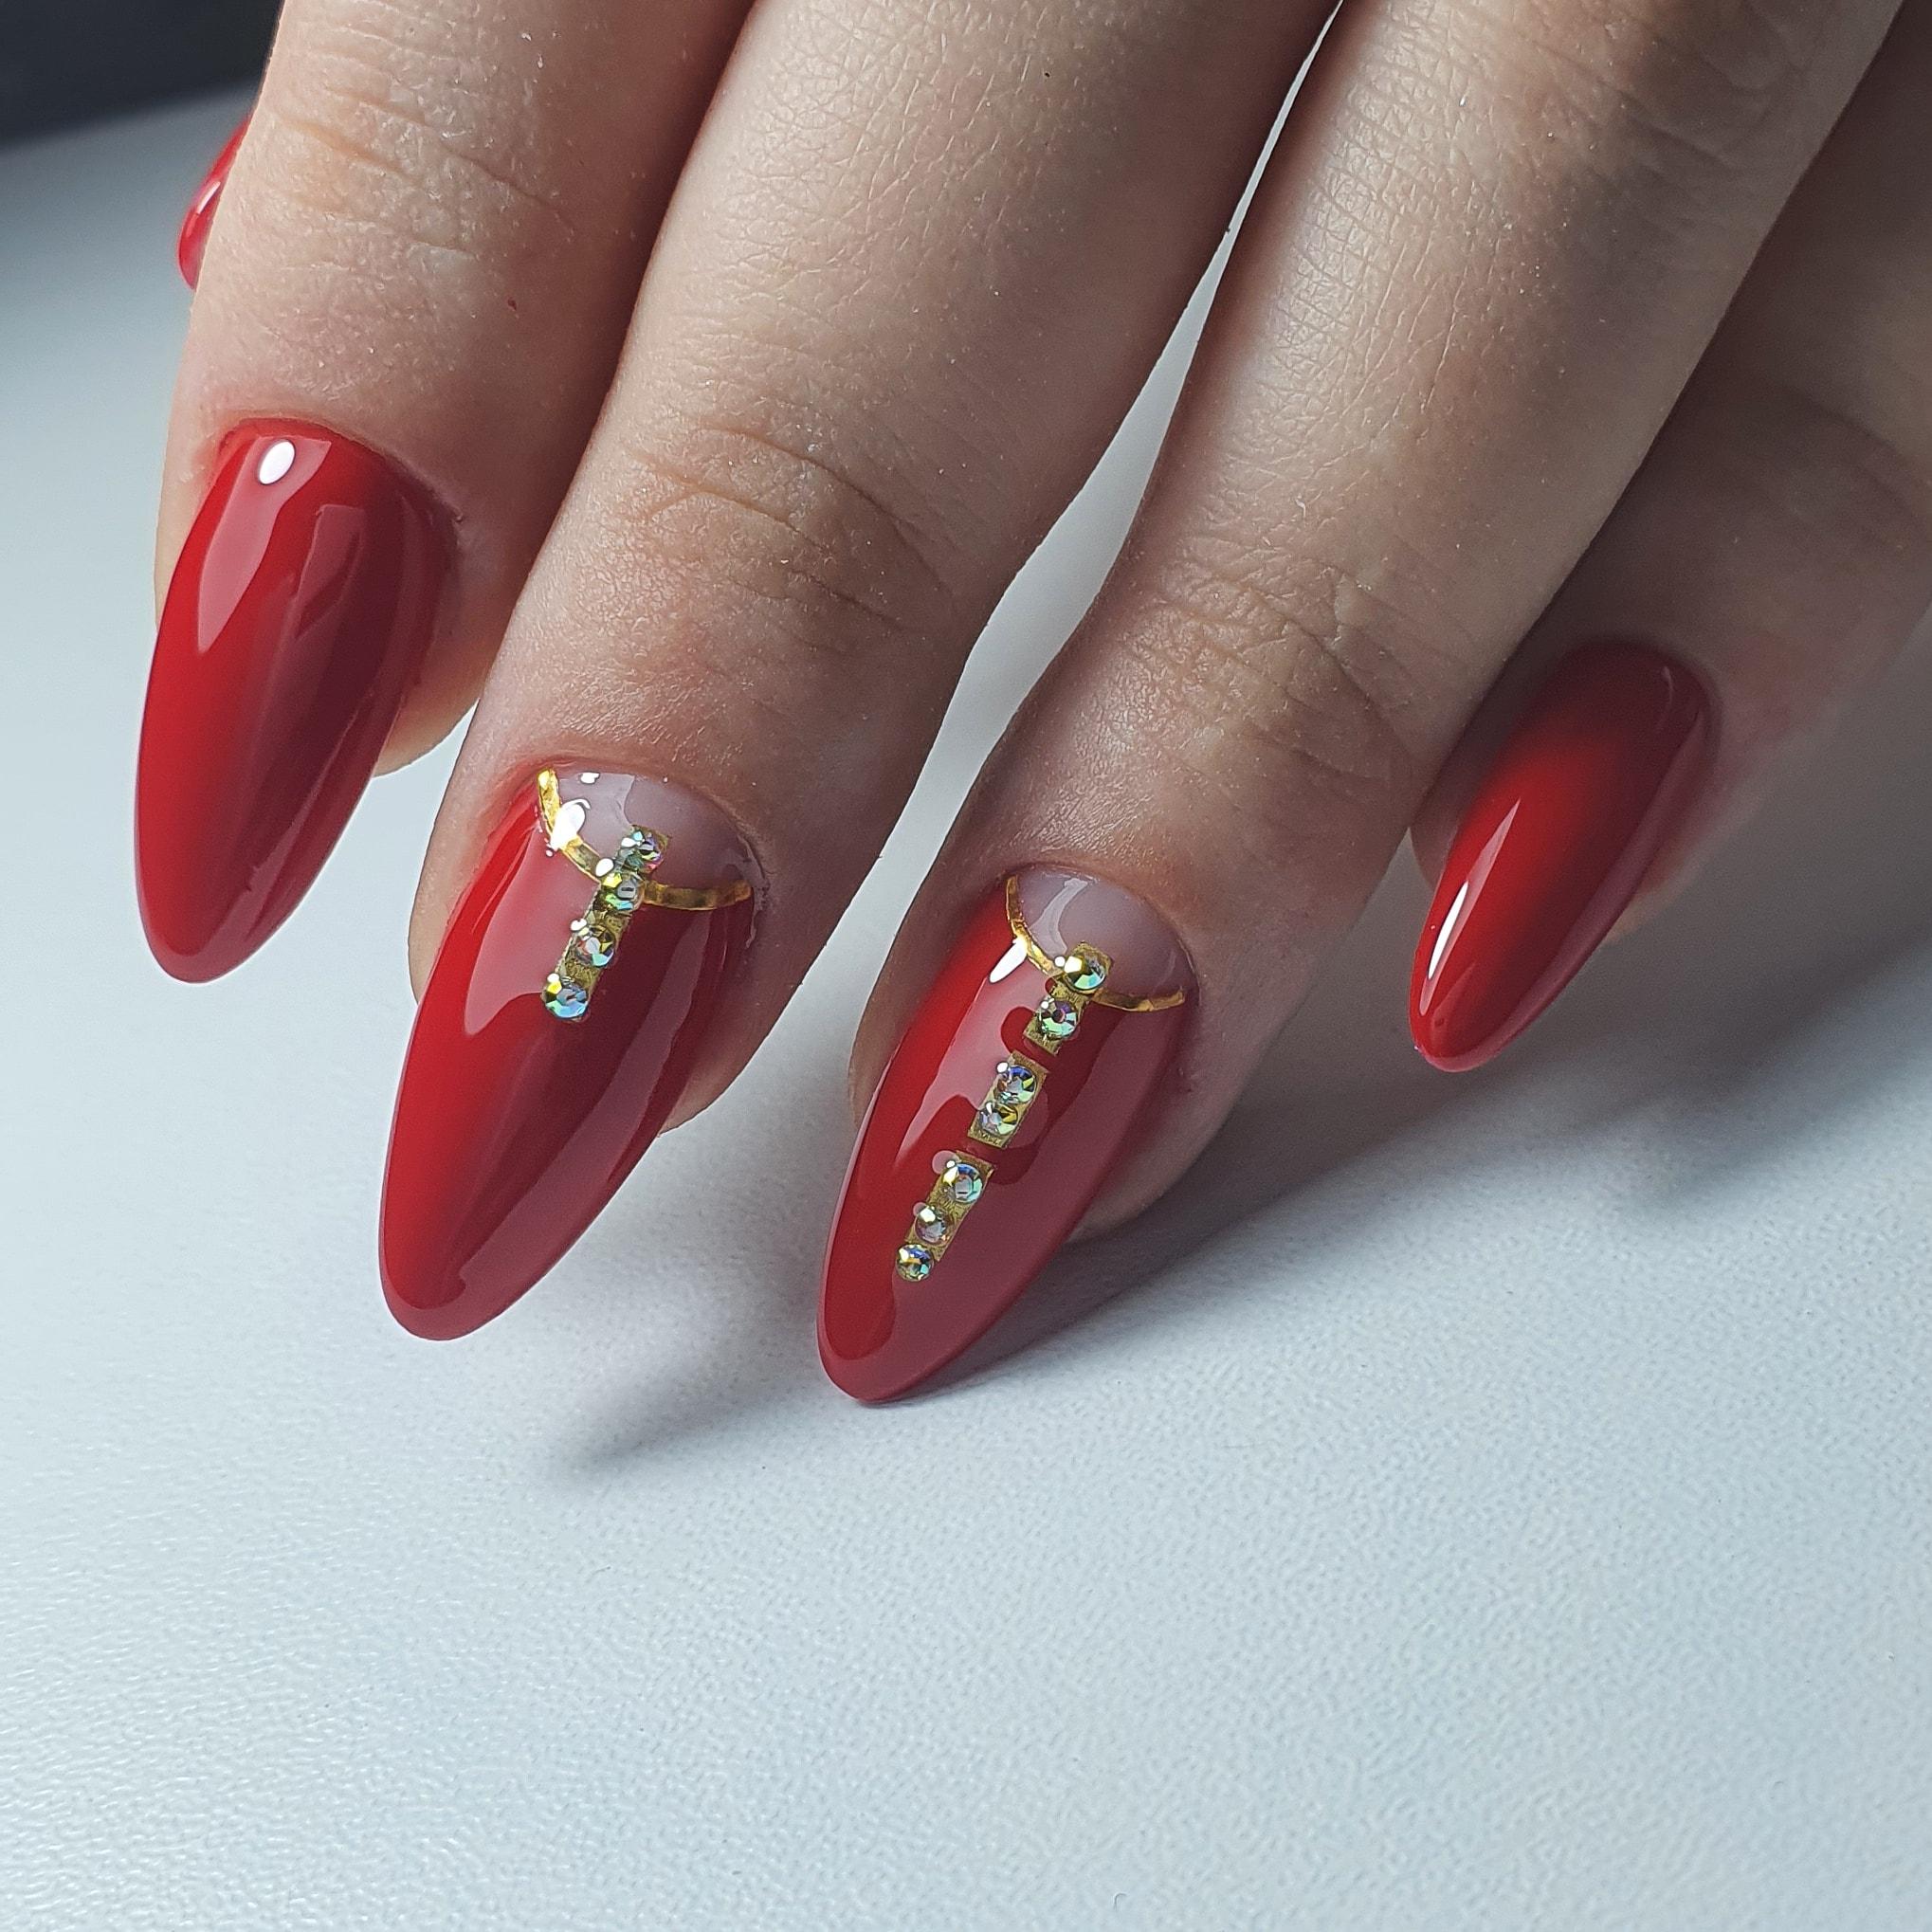 Маникюр с лунным дизайном и стразами в красном цвете на длинные ногти.